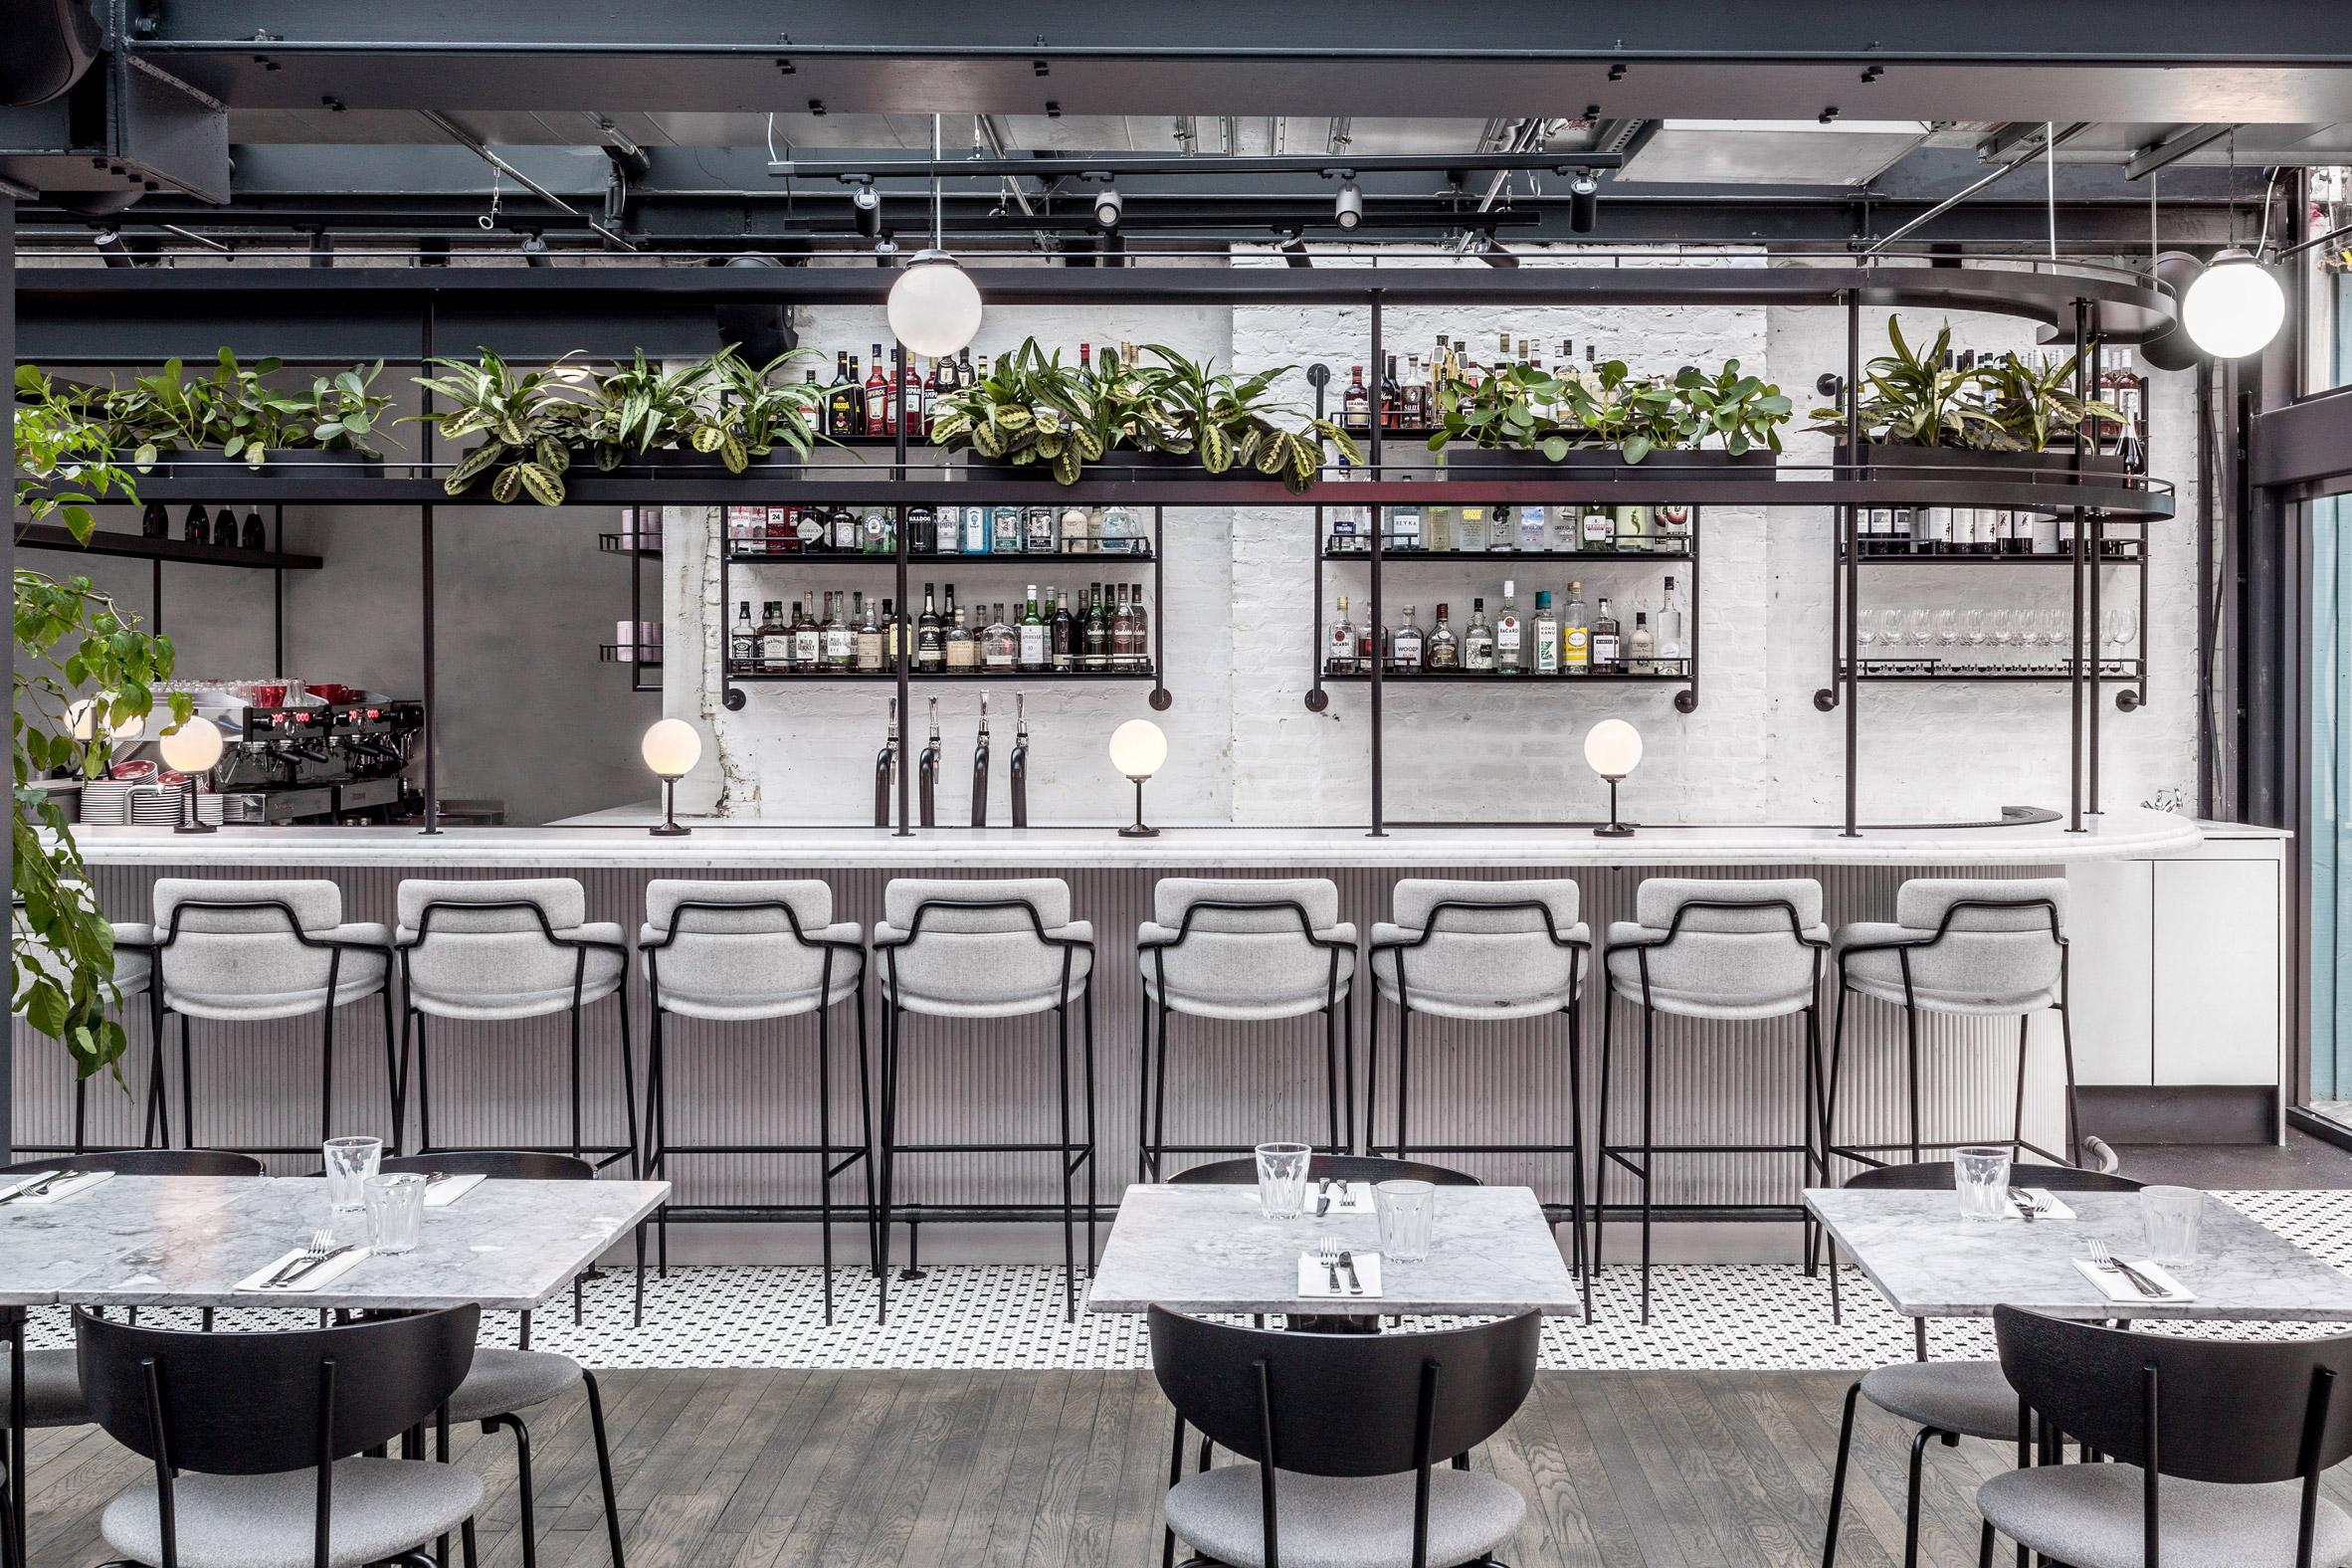 grind-greenwich-biasol-interiors-restaurants-london-uk_dezeen_2364_col_13